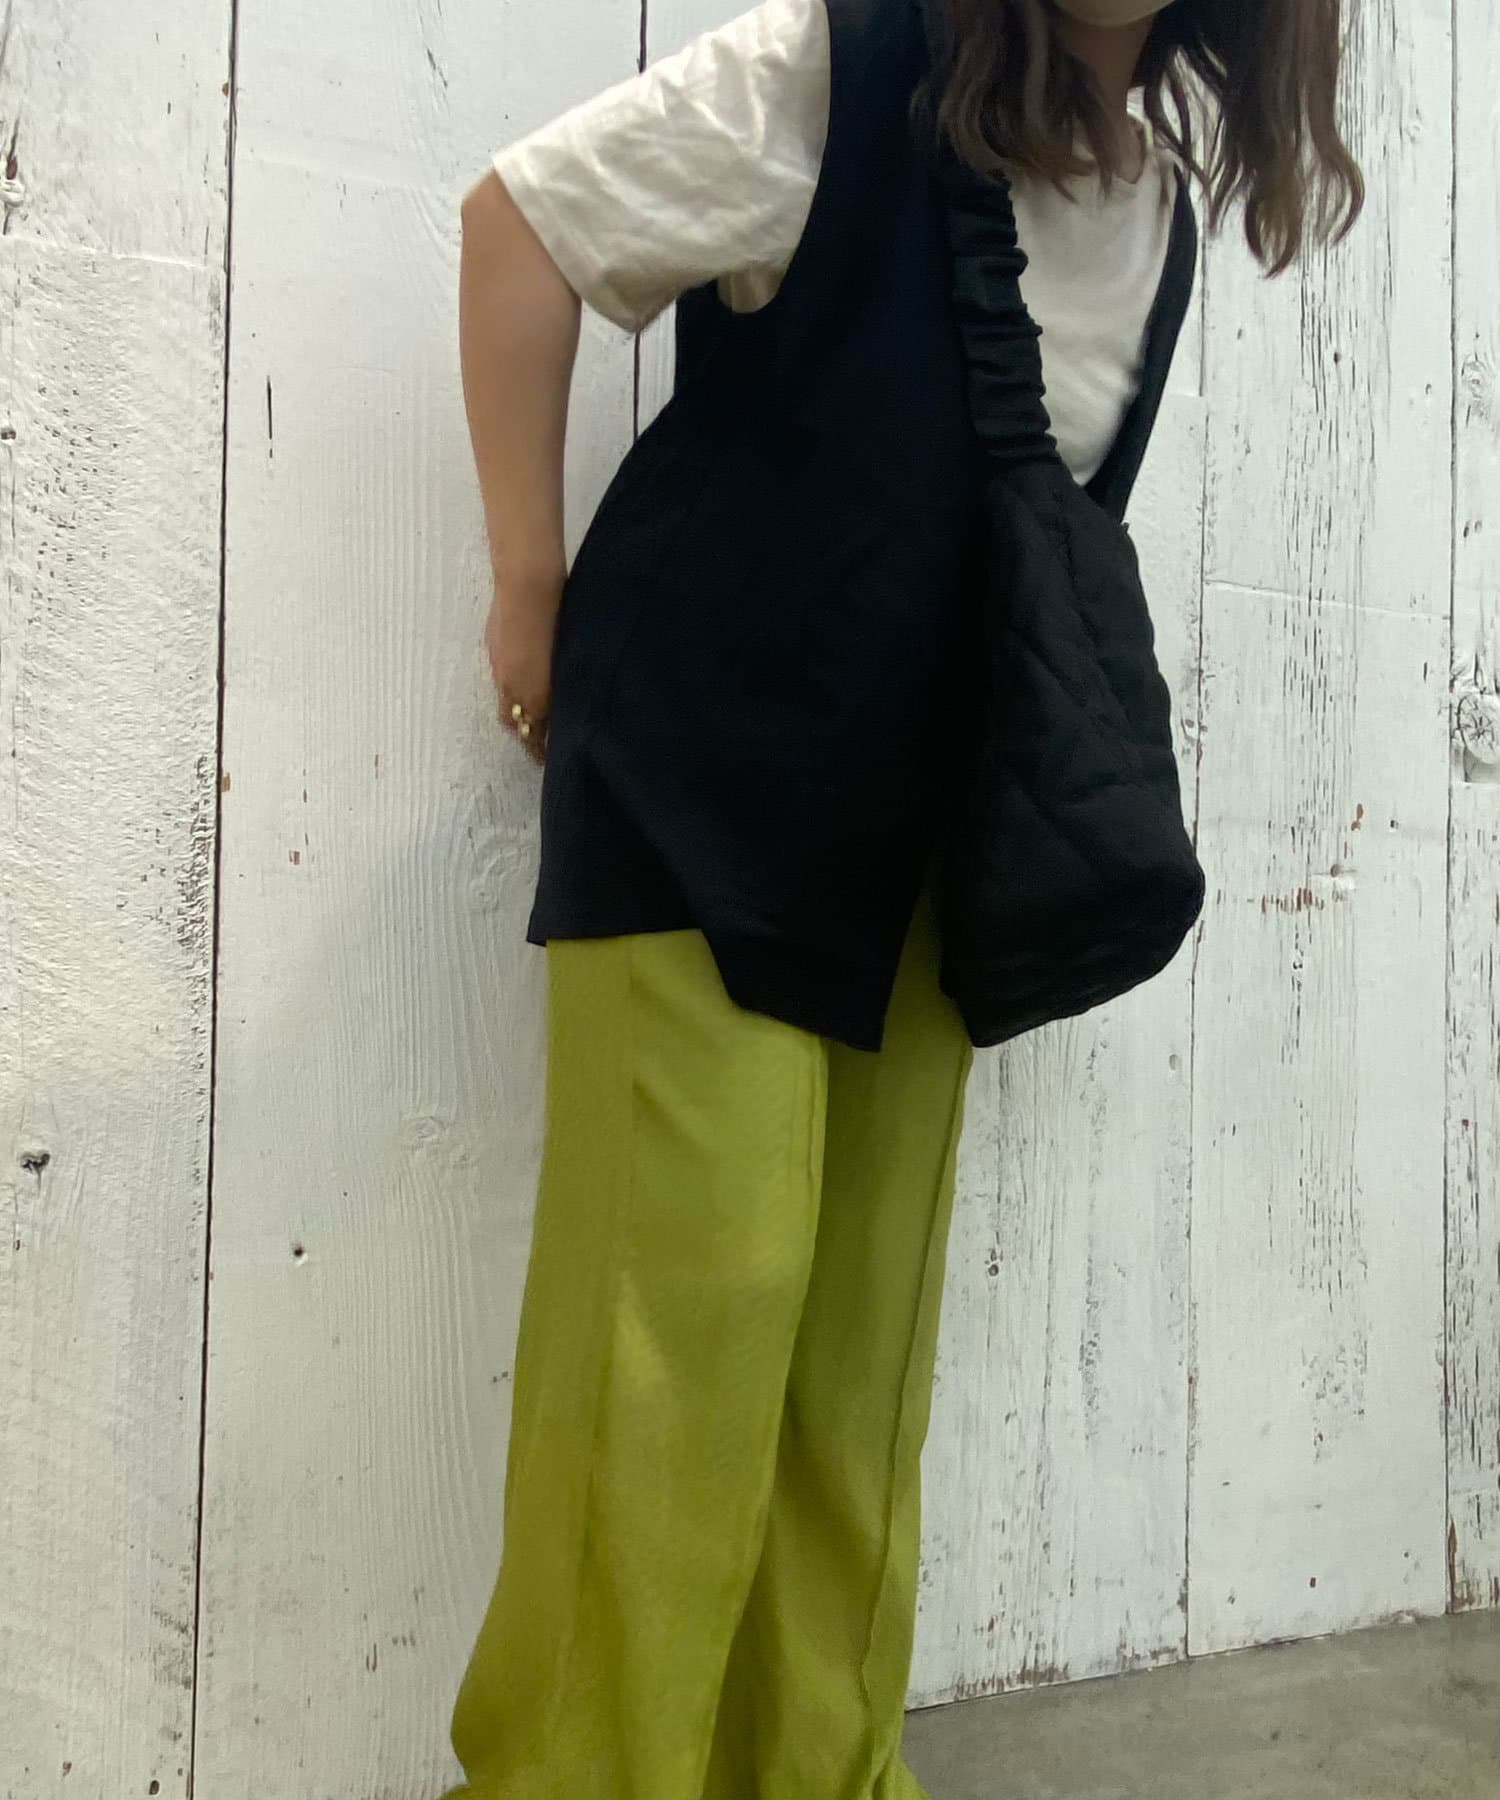 Lattice(ラティス) くしゅくしゅバッグ【着用動画有り】